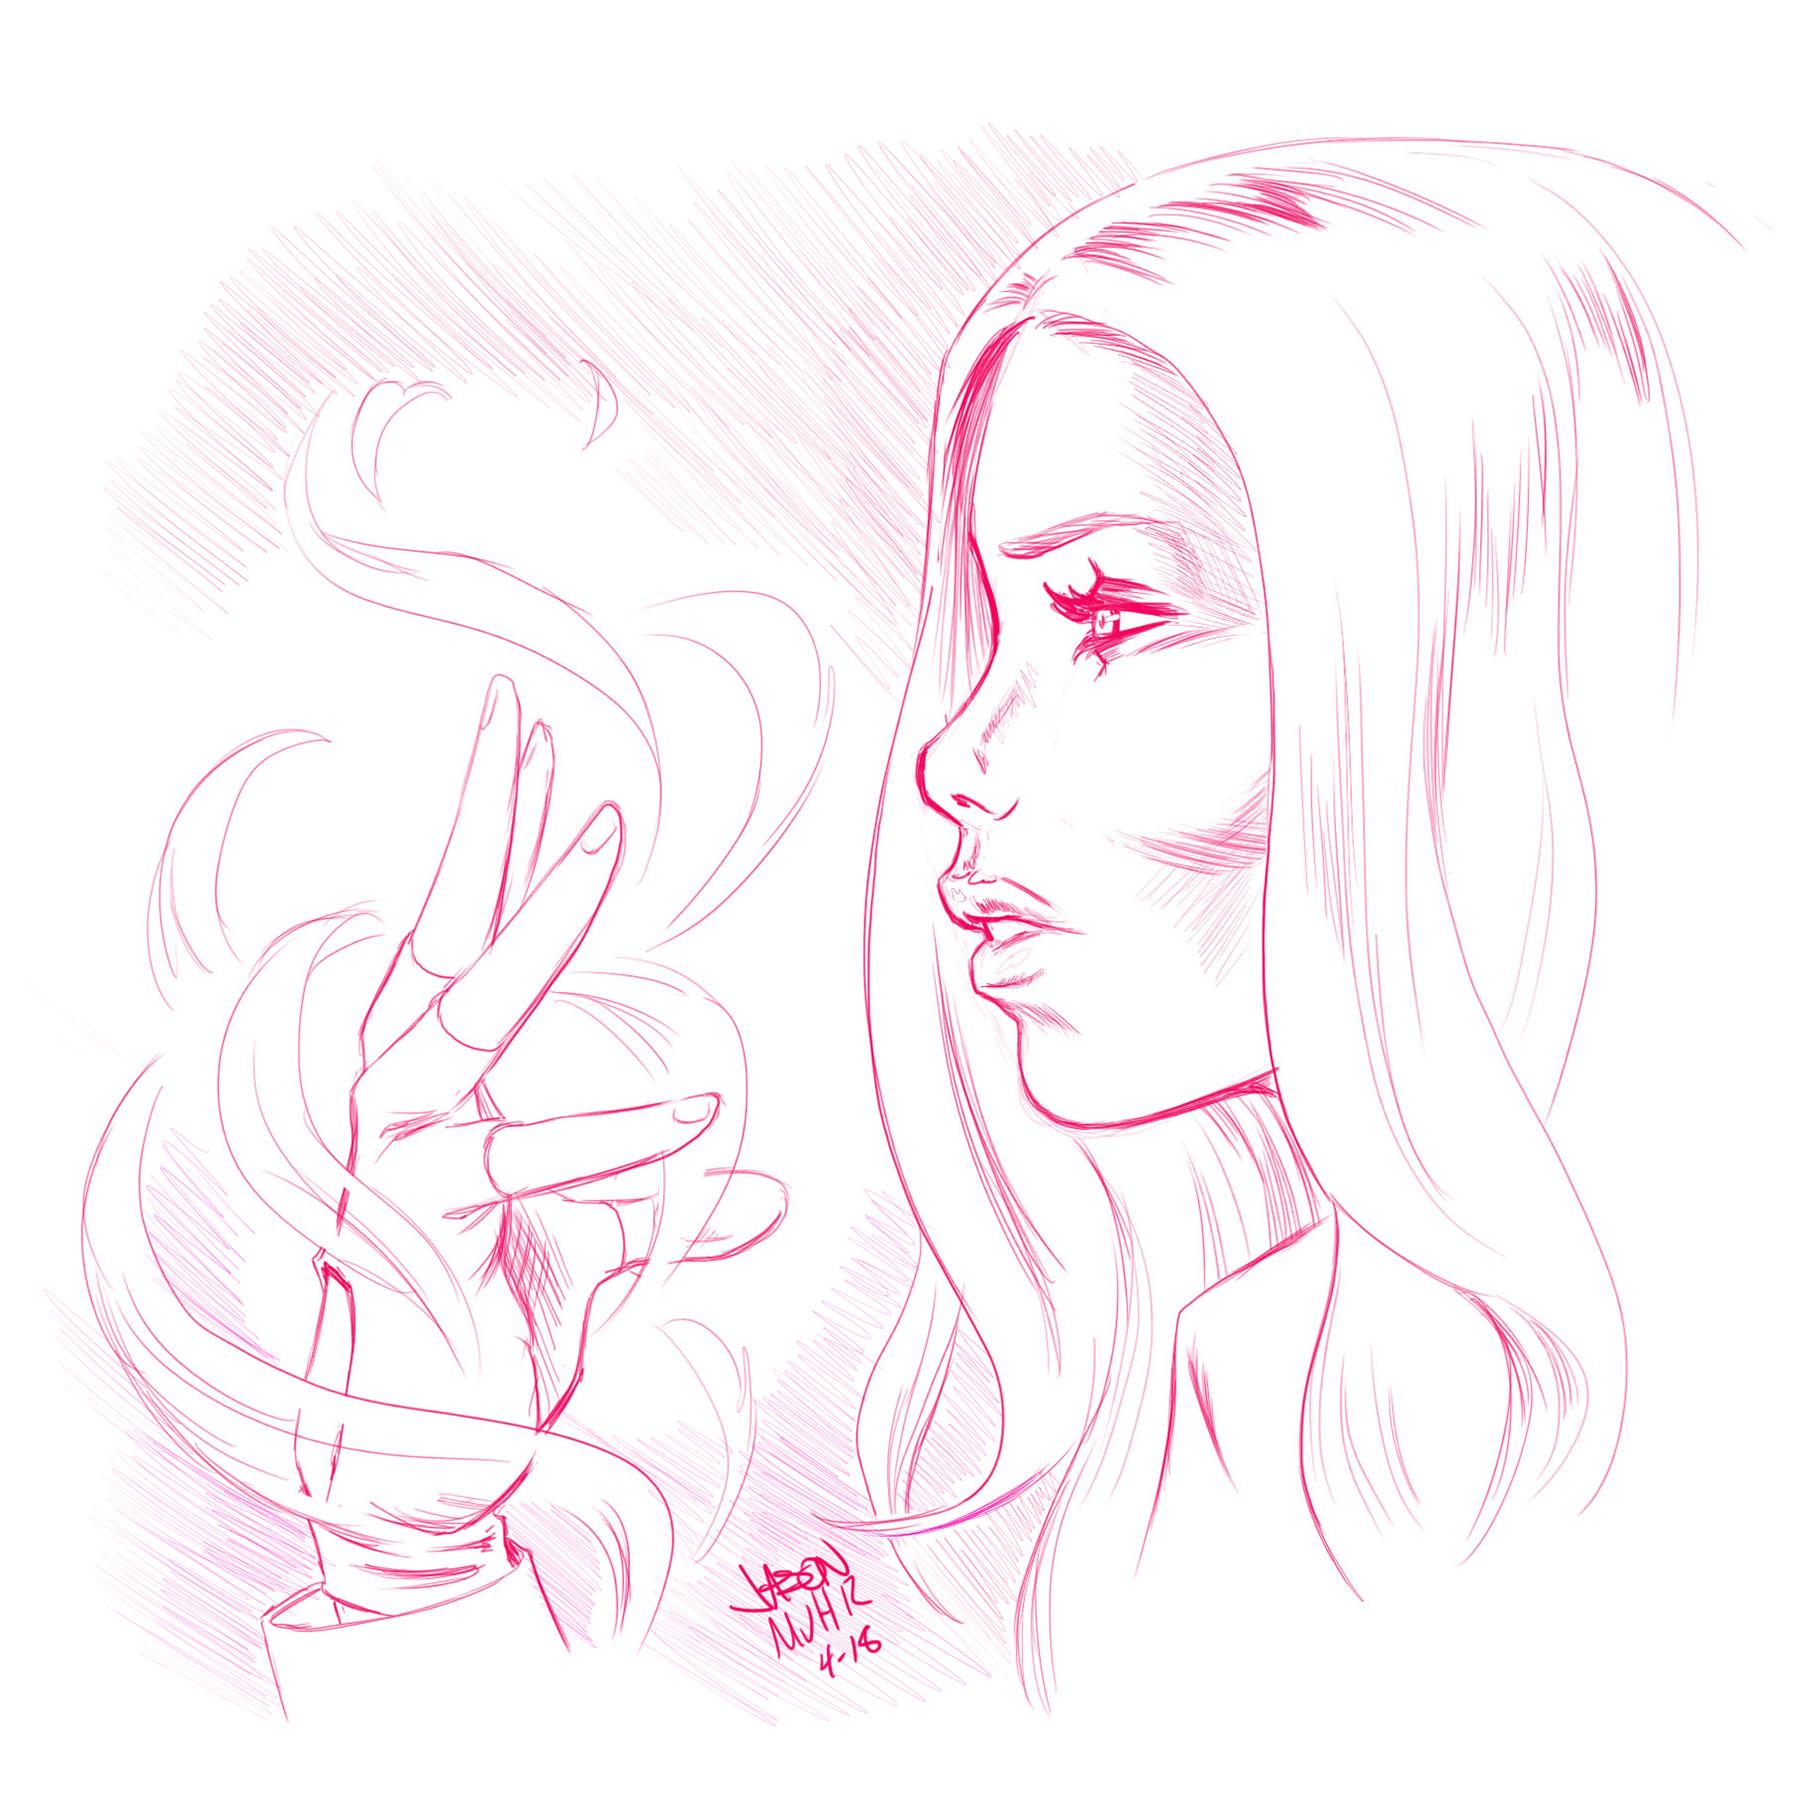 scarlet_witch_jason_muhr.jpg